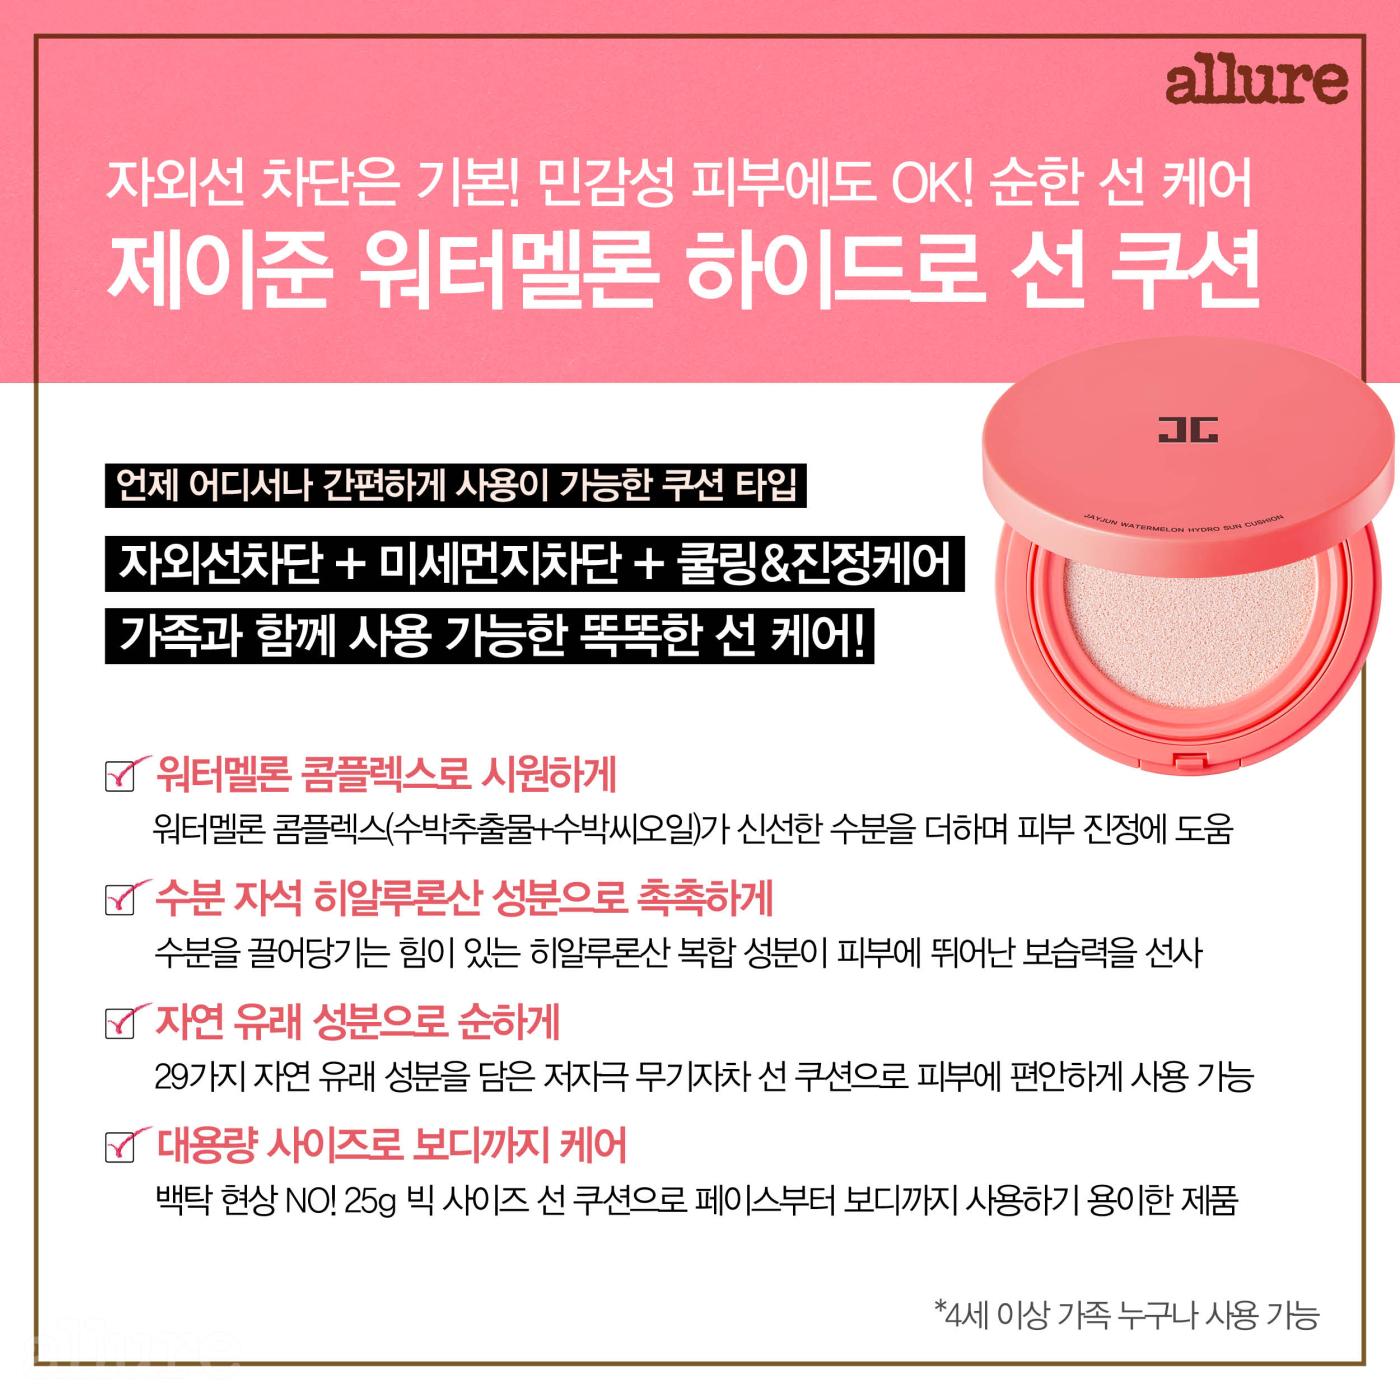 CARD 품평단 제이준 최종3